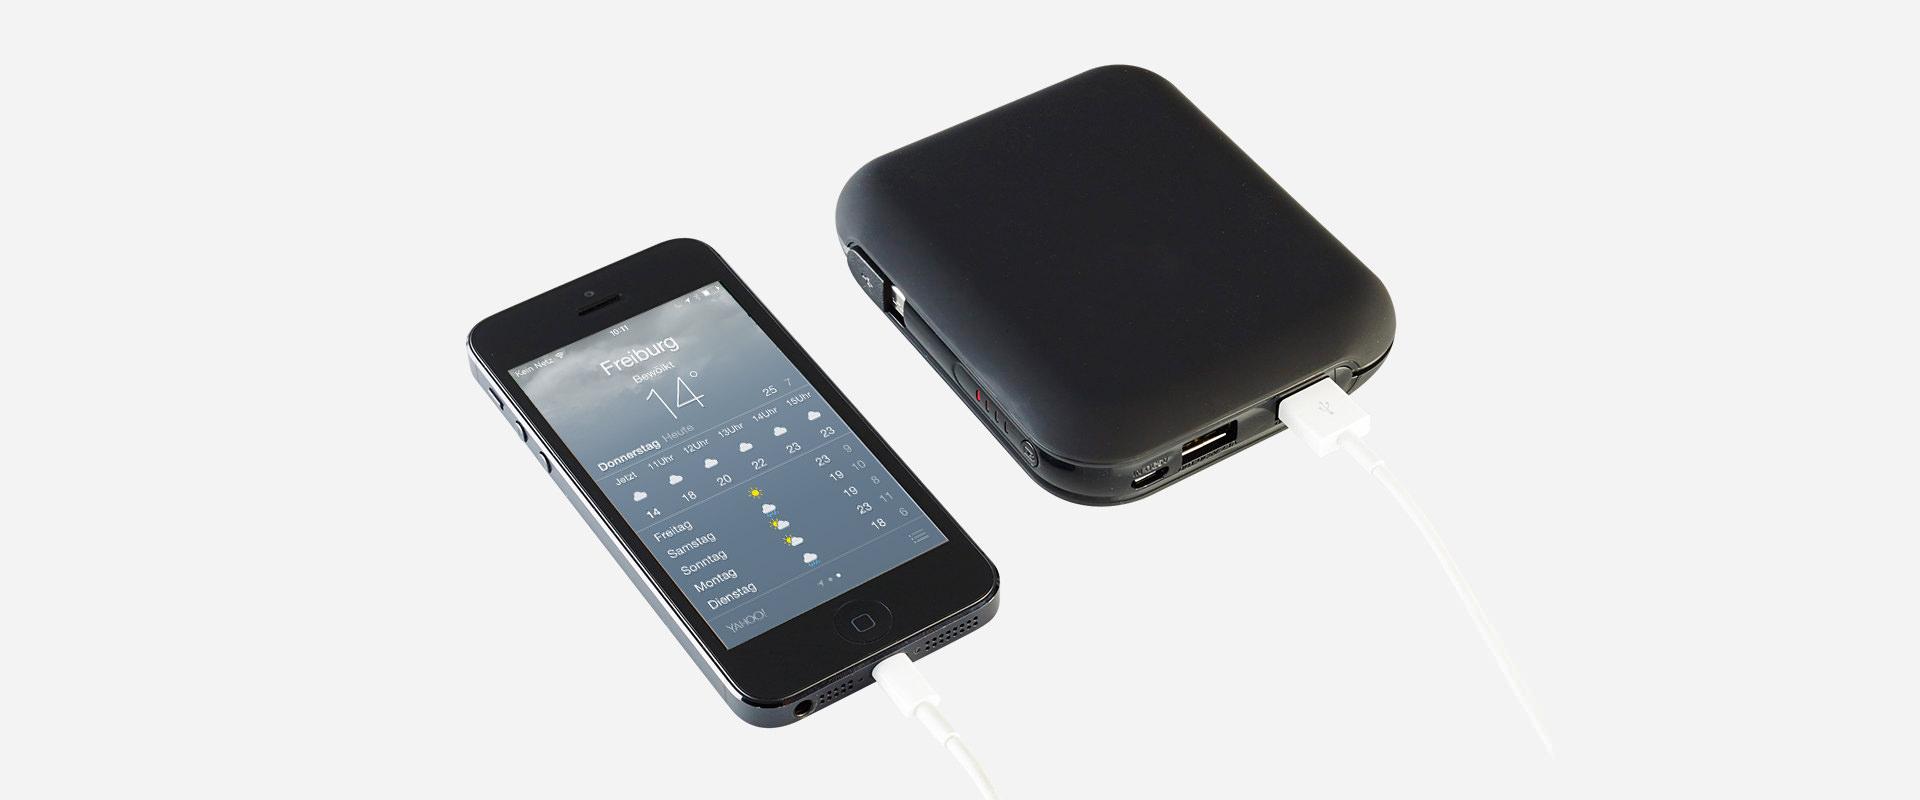 Vbee externer Akku Ladegerät mit iPhone